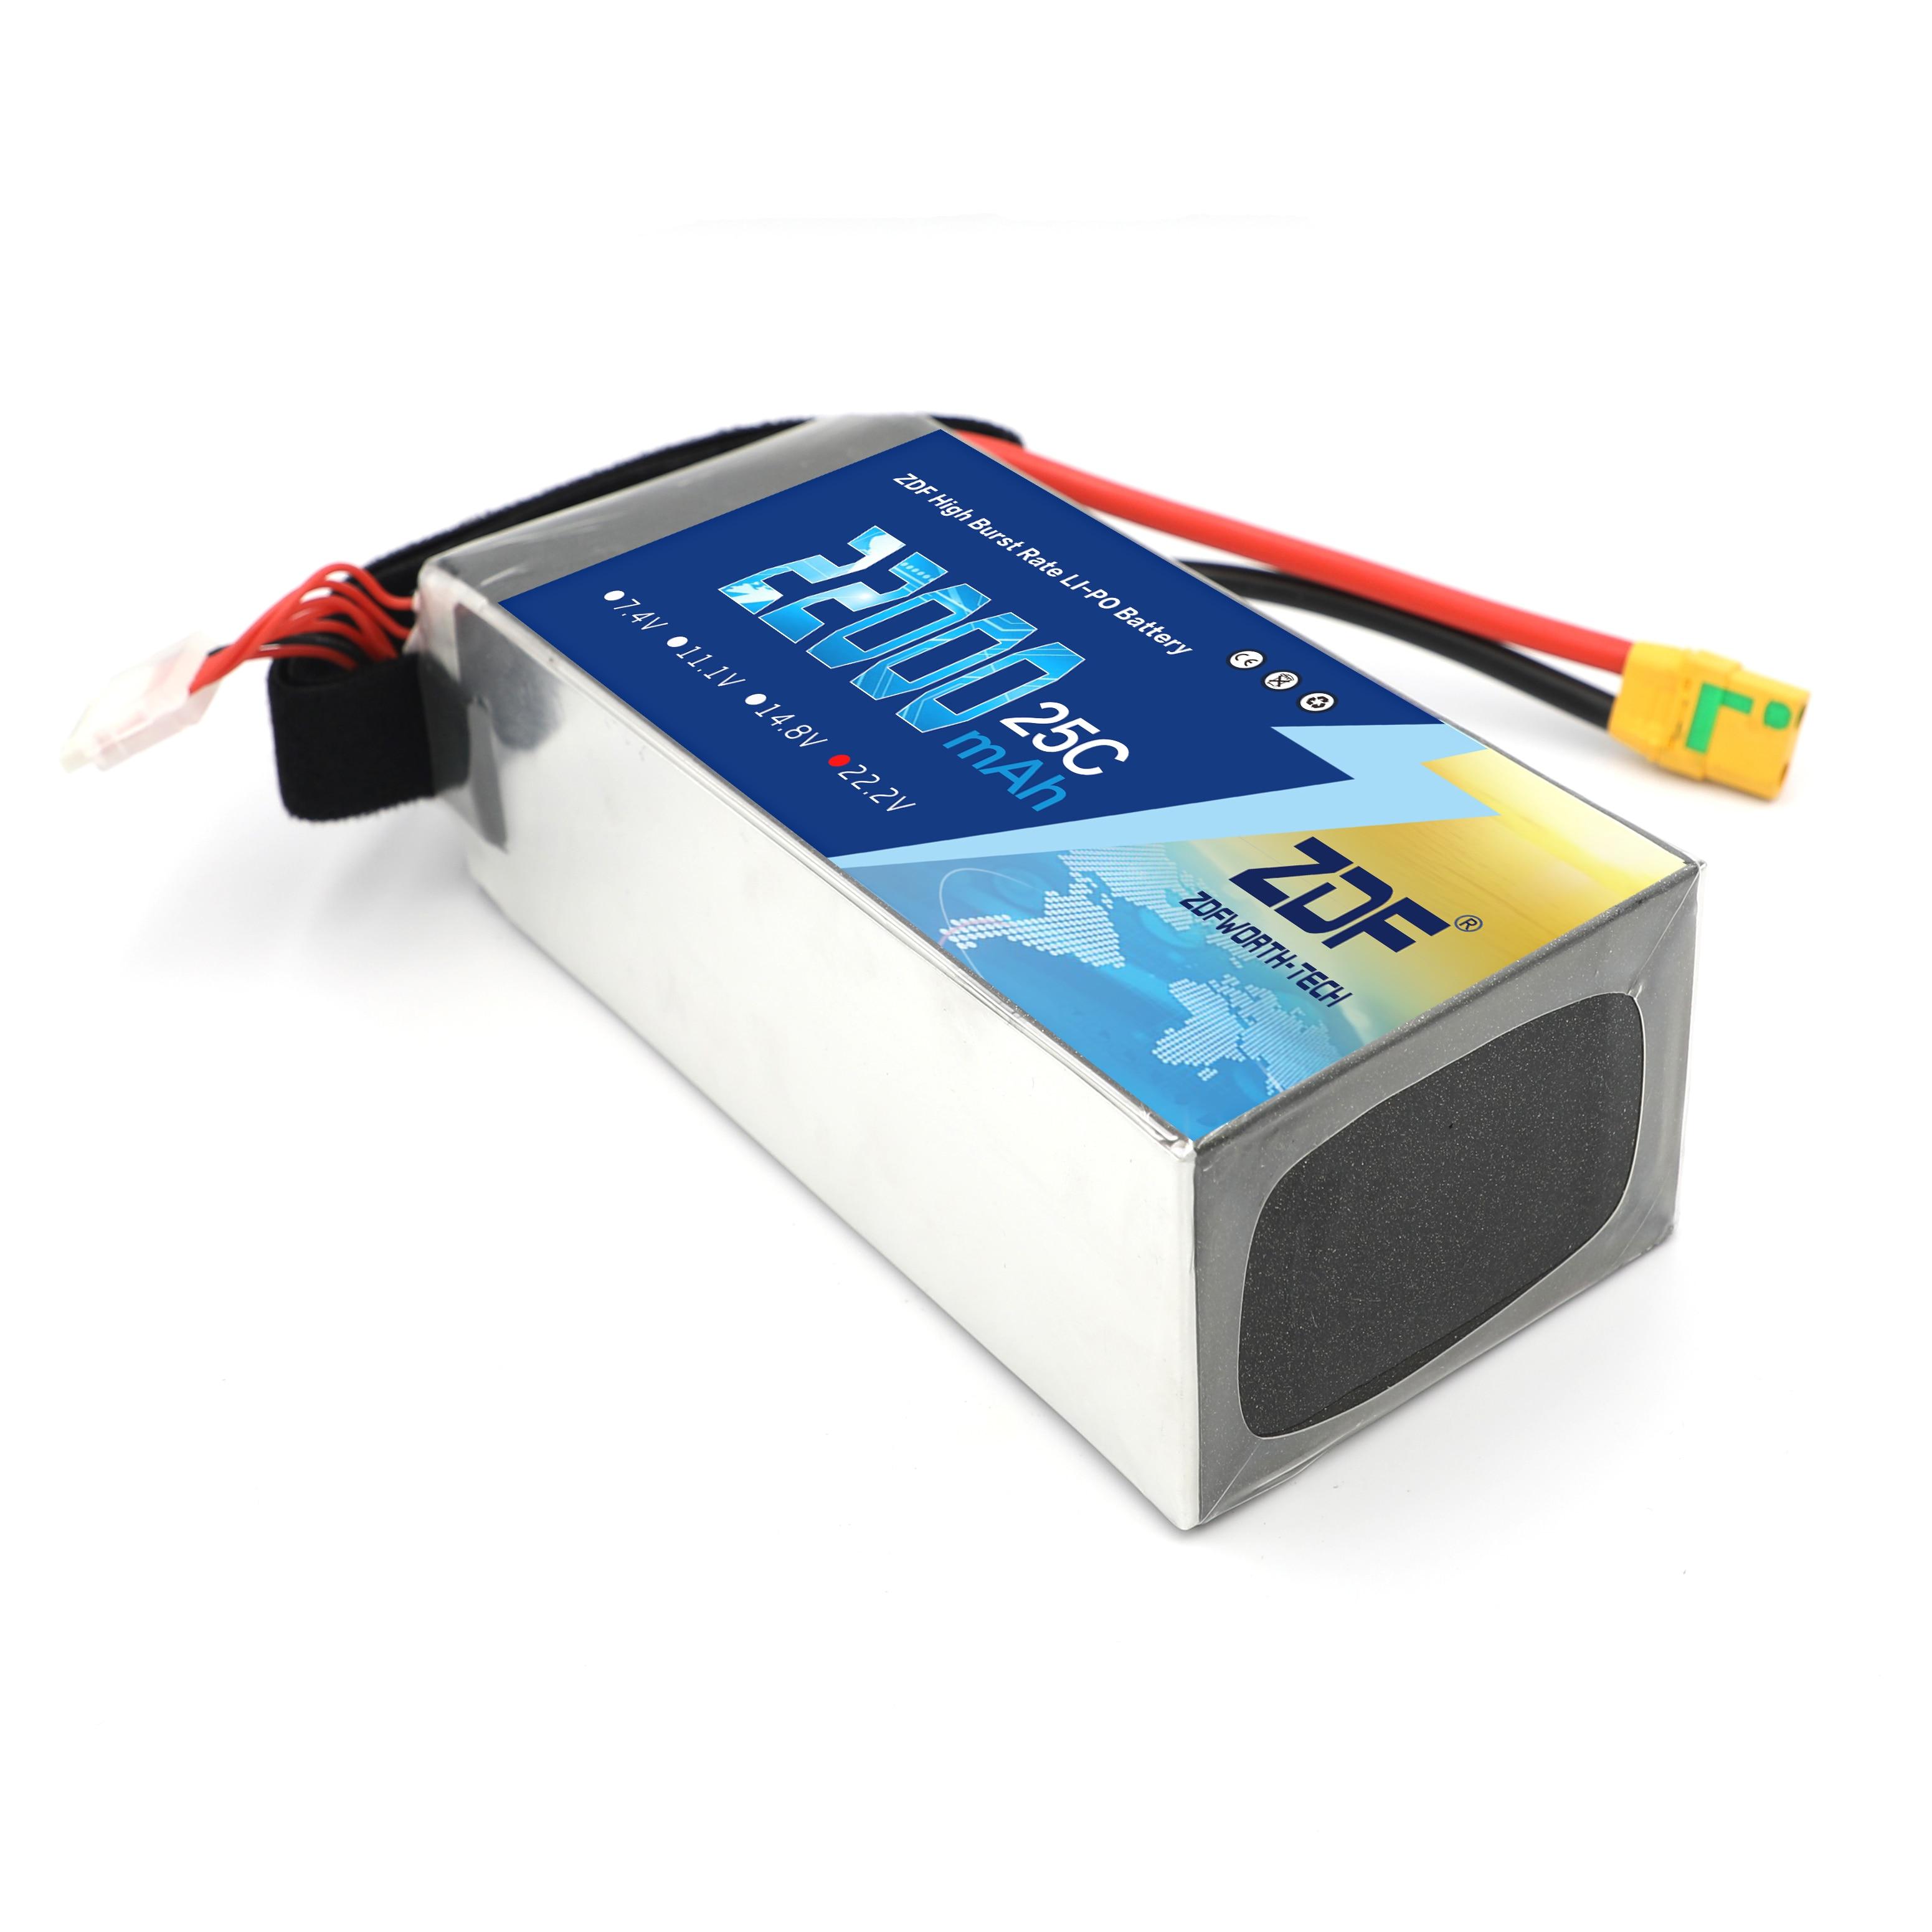 ZDF 22.2V 22000mah 6S 22ah 25C Li polymeer batterij hoge rate 25C voor Multi axis voertuig Model vliegtuigen plant bescherming mach-in Onderdelen & accessoires van Speelgoed & Hobbies op  Groep 2